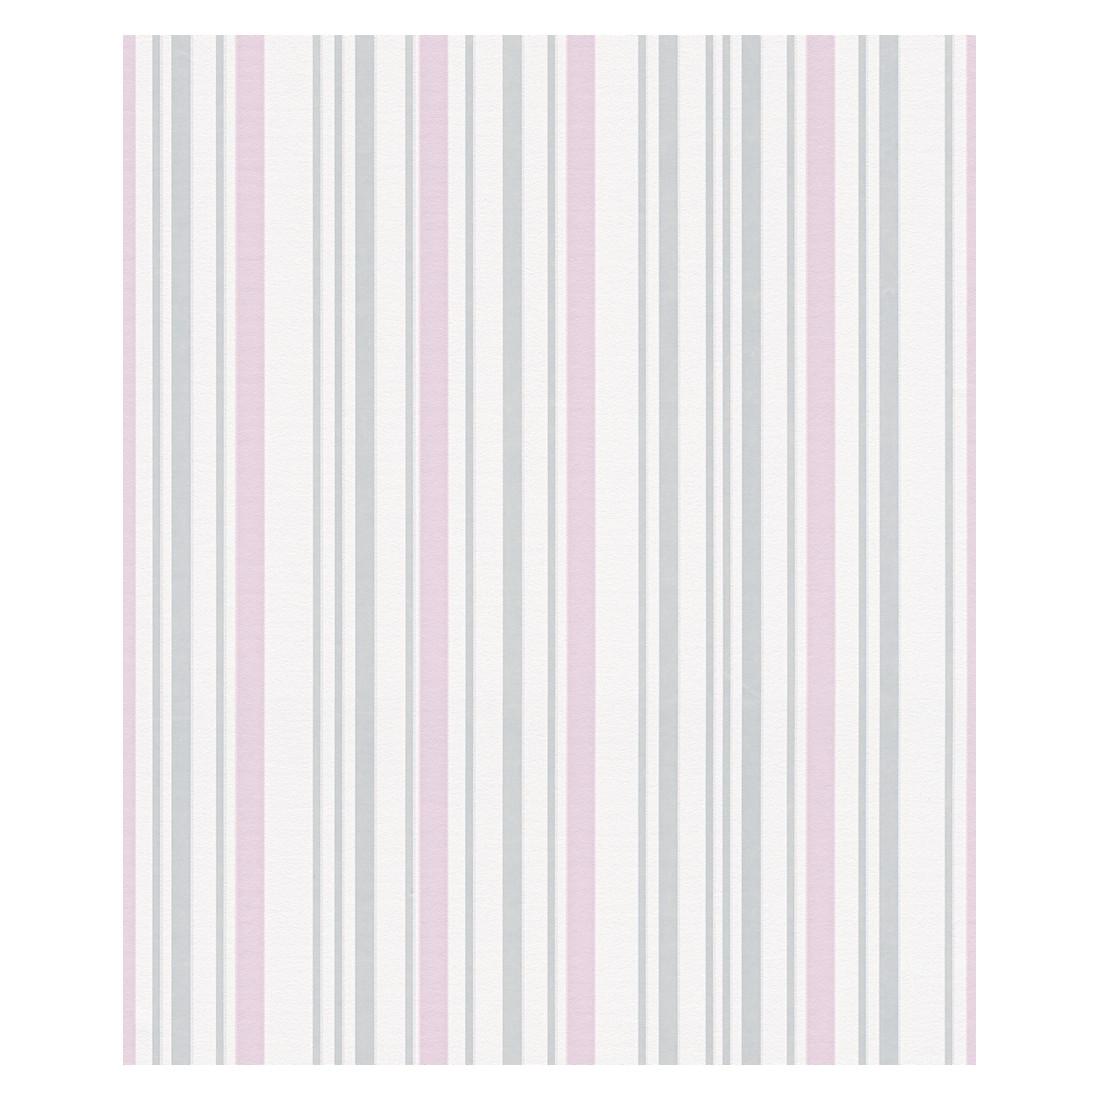 Vliestapete NAF-NAF – grau, rosa, weiß – strukturiert, Home24Deko günstig online kaufen